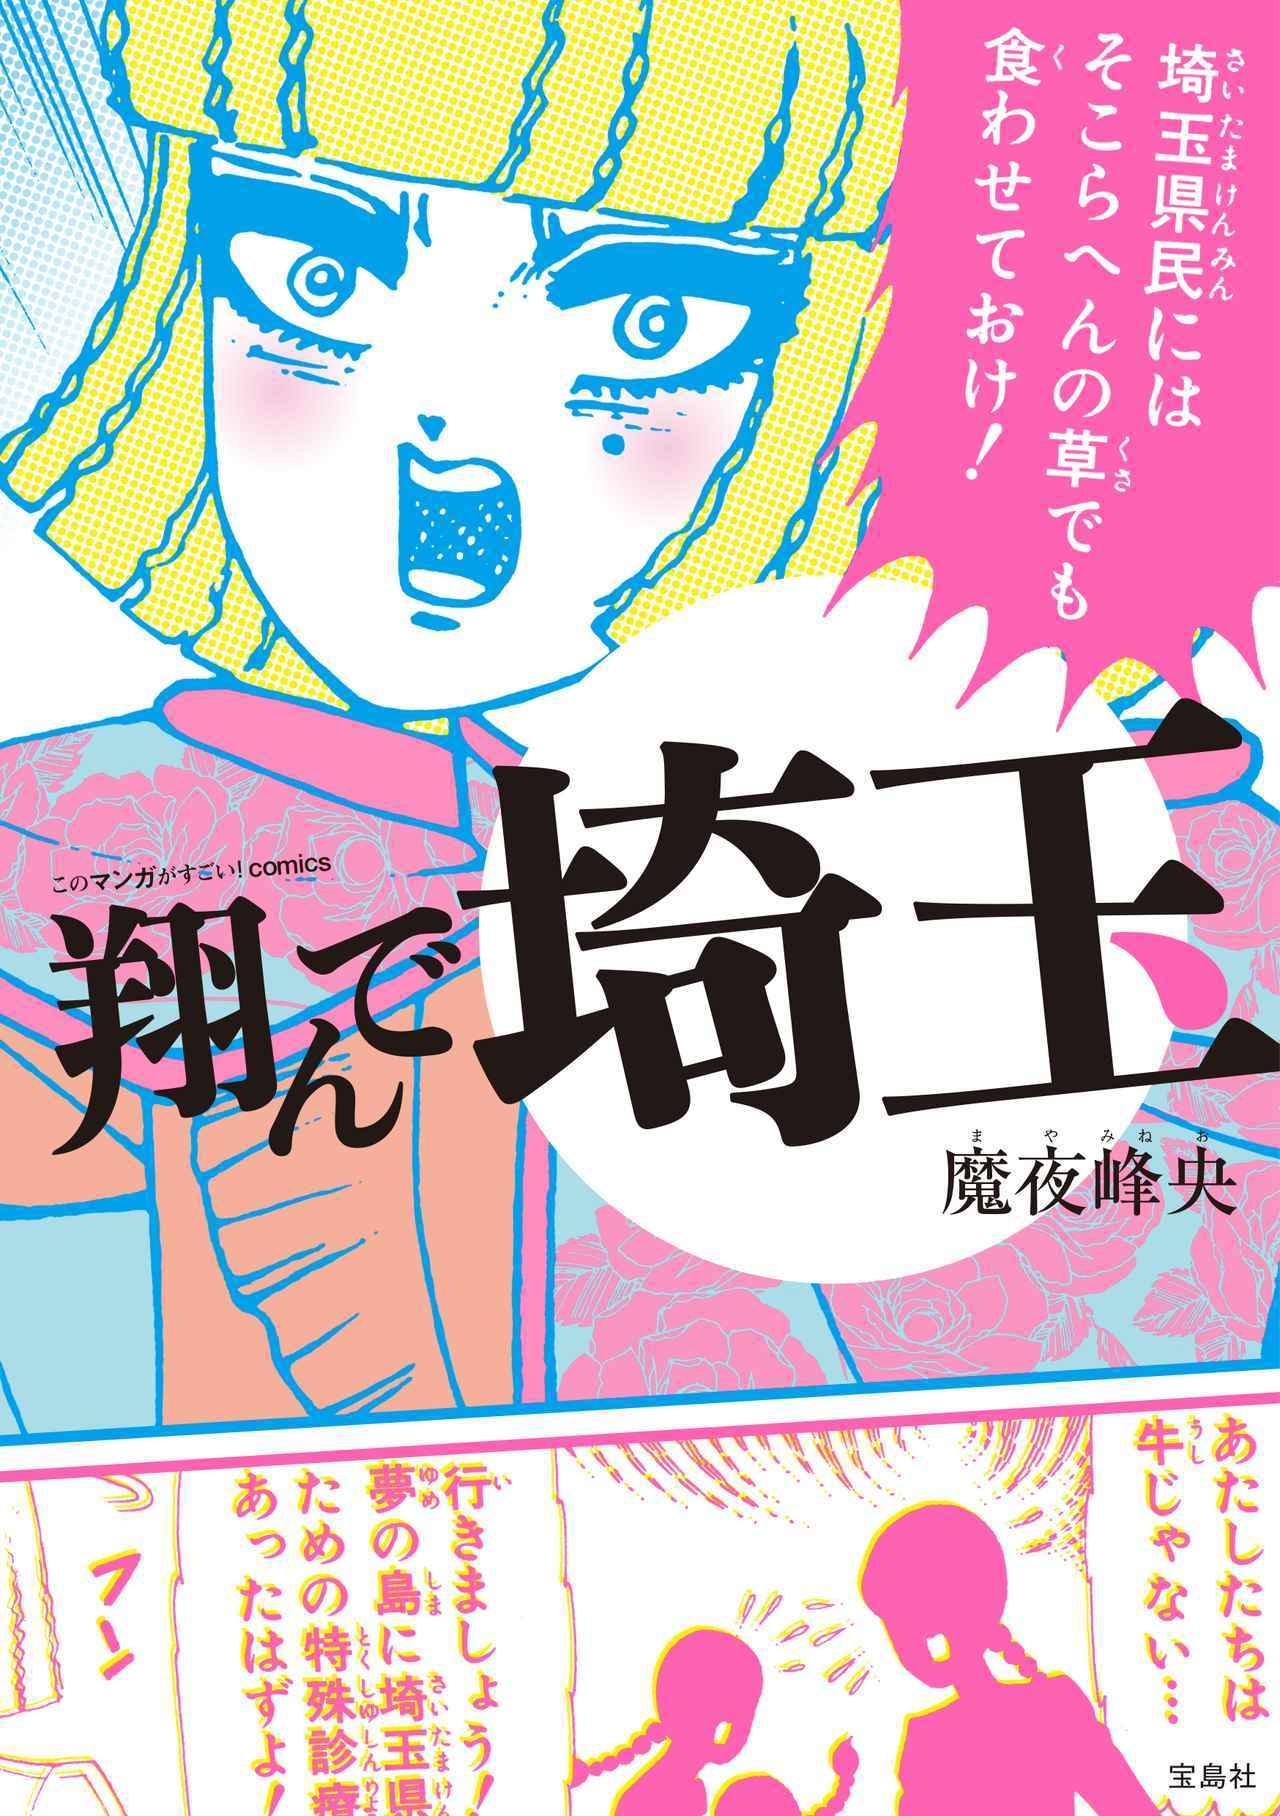 画像1: (C)魔夜峰央『このマンガがすごい!comics 翔んで埼玉』/宝島社